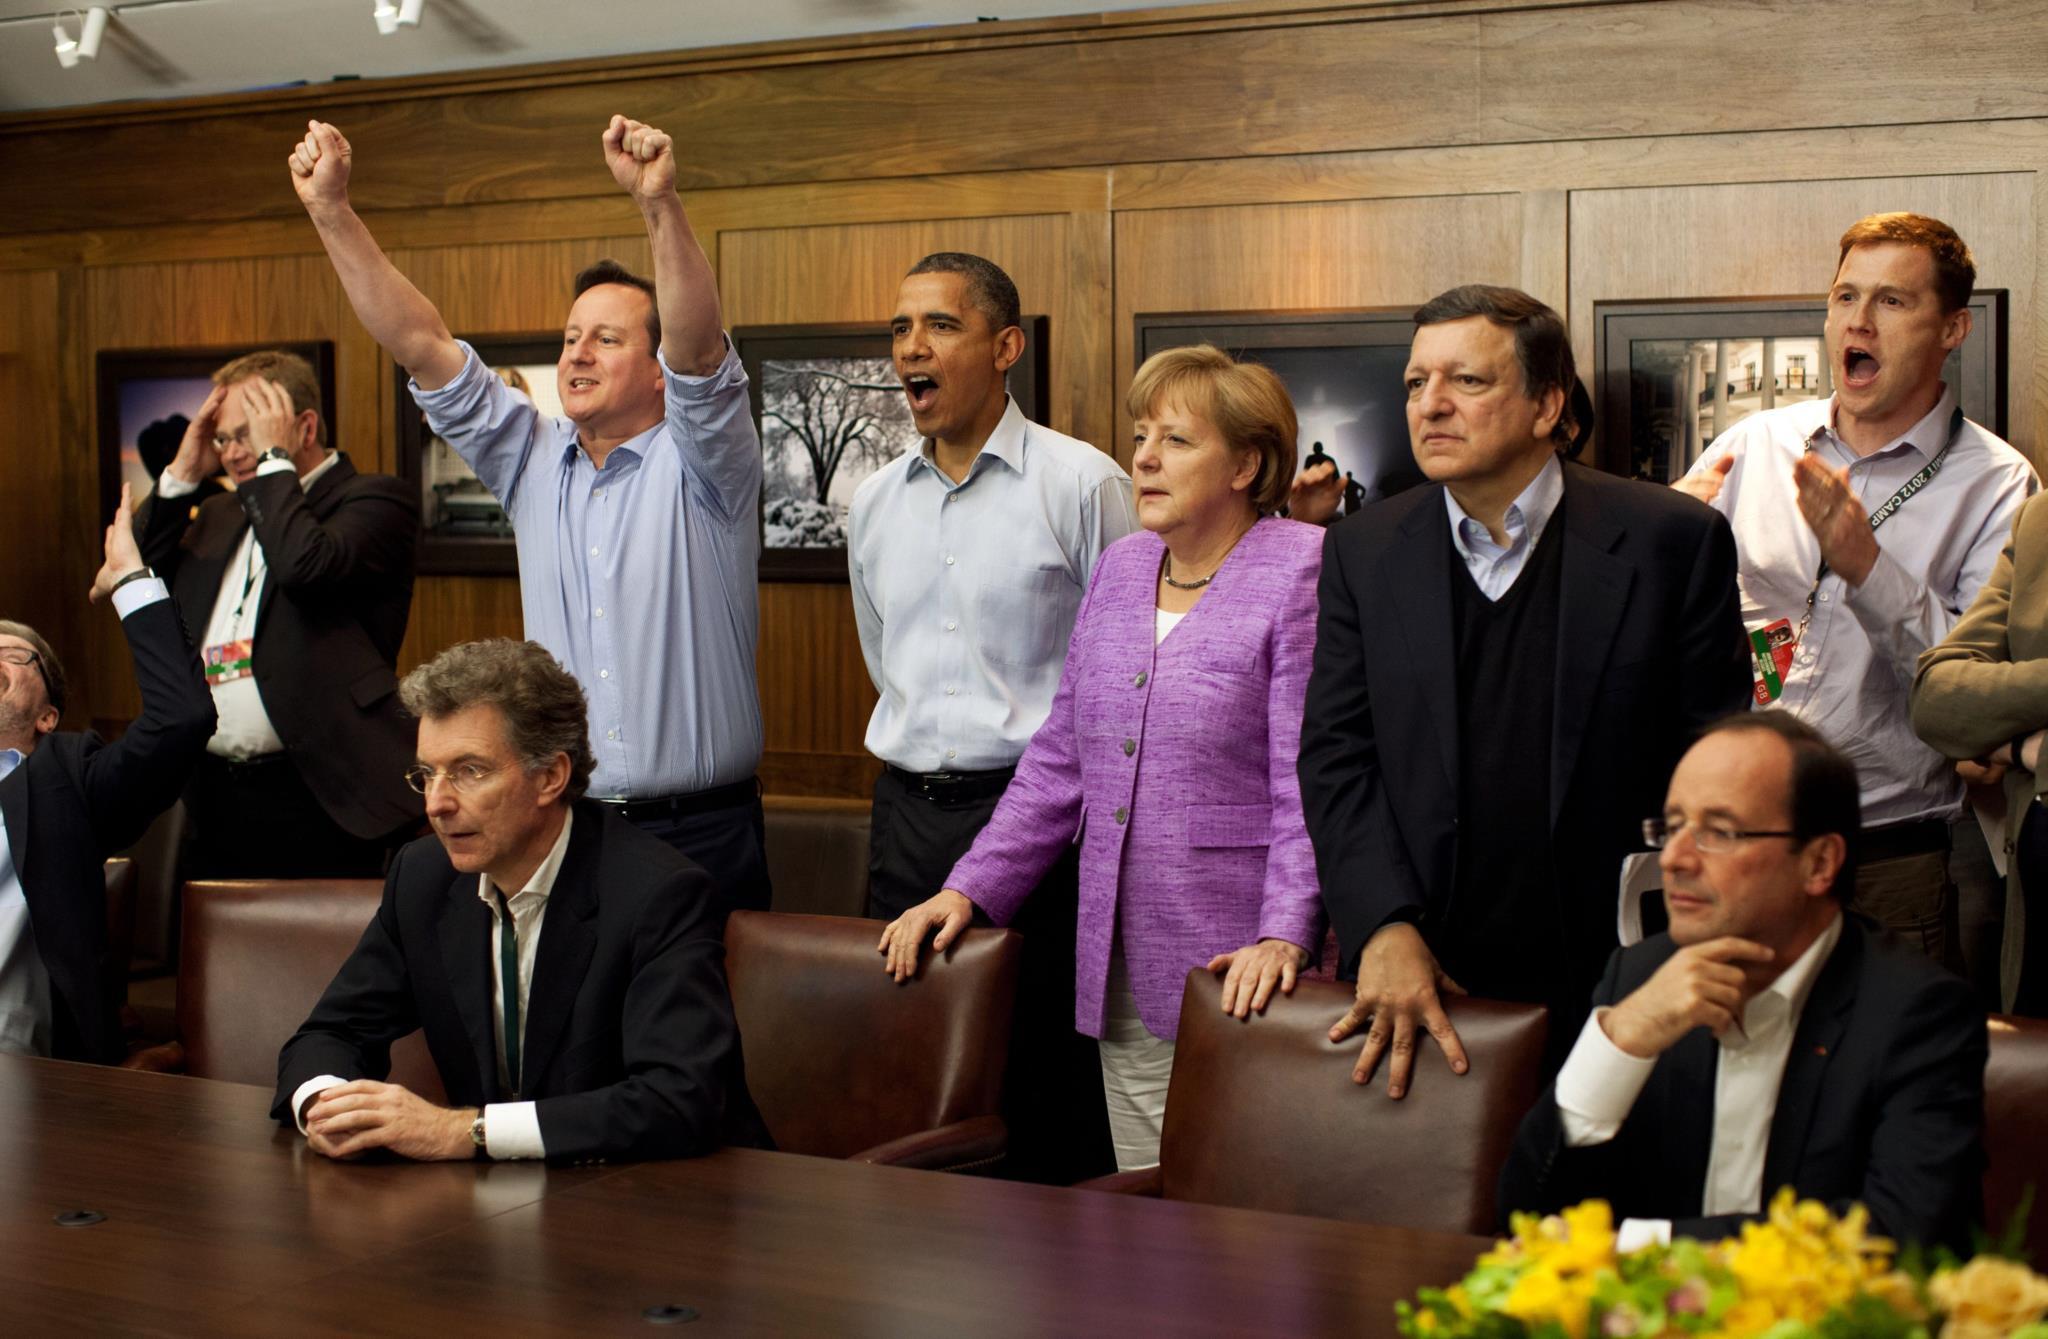 Obama, David Cameron, ex-primeiro-ministro do Reino Unido, Angela Merkel, chanceler alemã e Durão Barroso, ex-presidente da Comissão Europeia observam a final da liga dos campeões durante a cimeira do G8, em Maryland, 2012